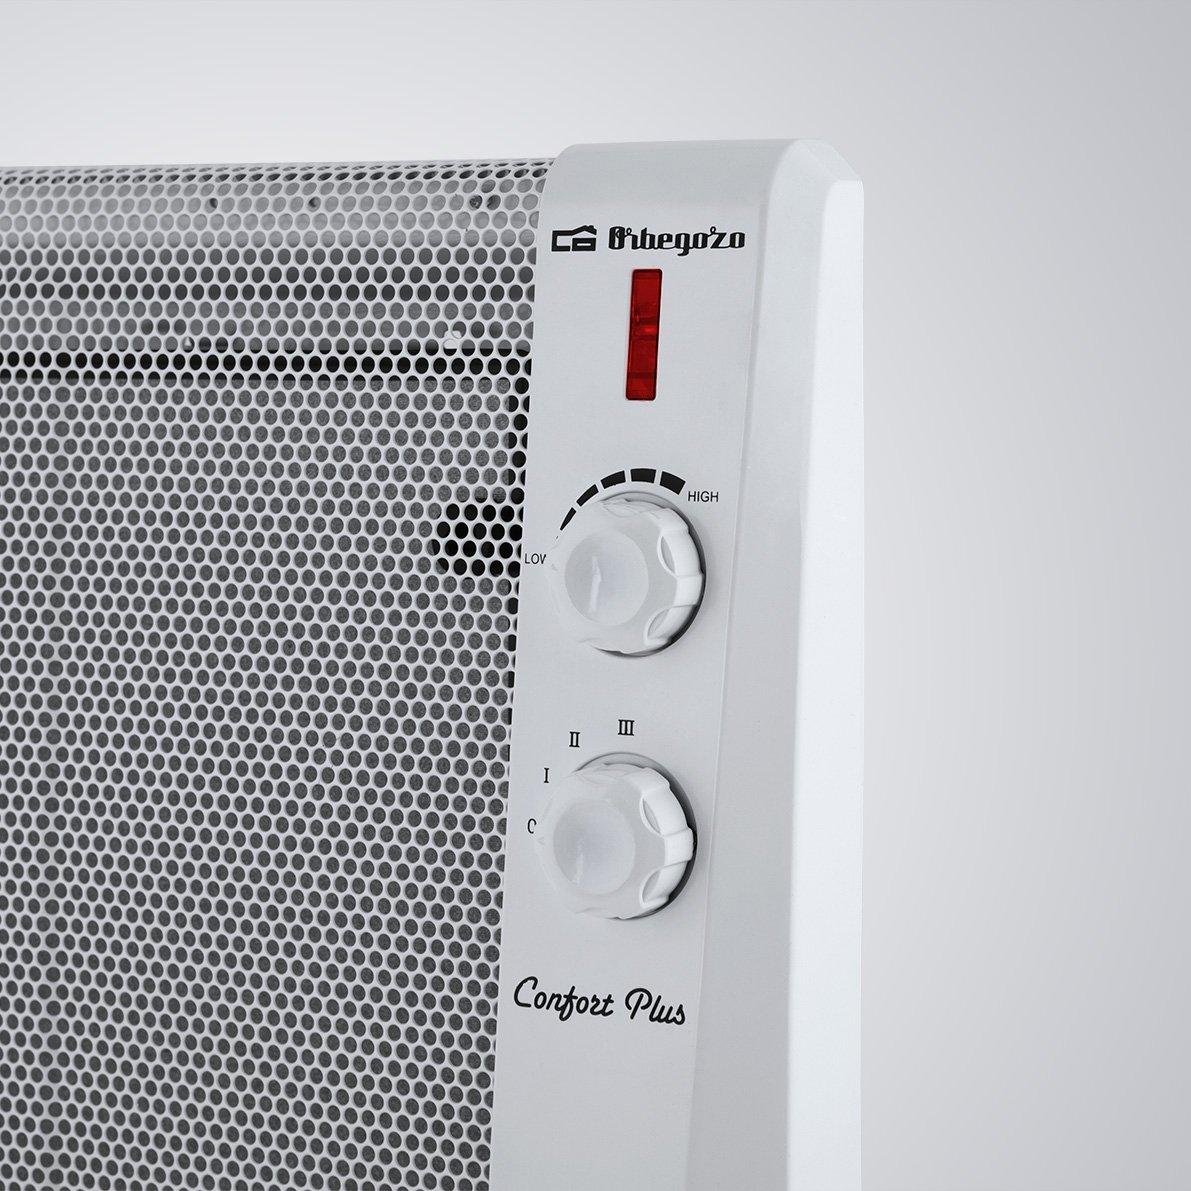 Orbegozo RM 1500 - Radiador, tecnología MICA-SYSTEM, 1000 W, 3 modos de calor 500 W, 1000 W, 1500 W, termostato, seguridad antivuelco, sin fluido, ...